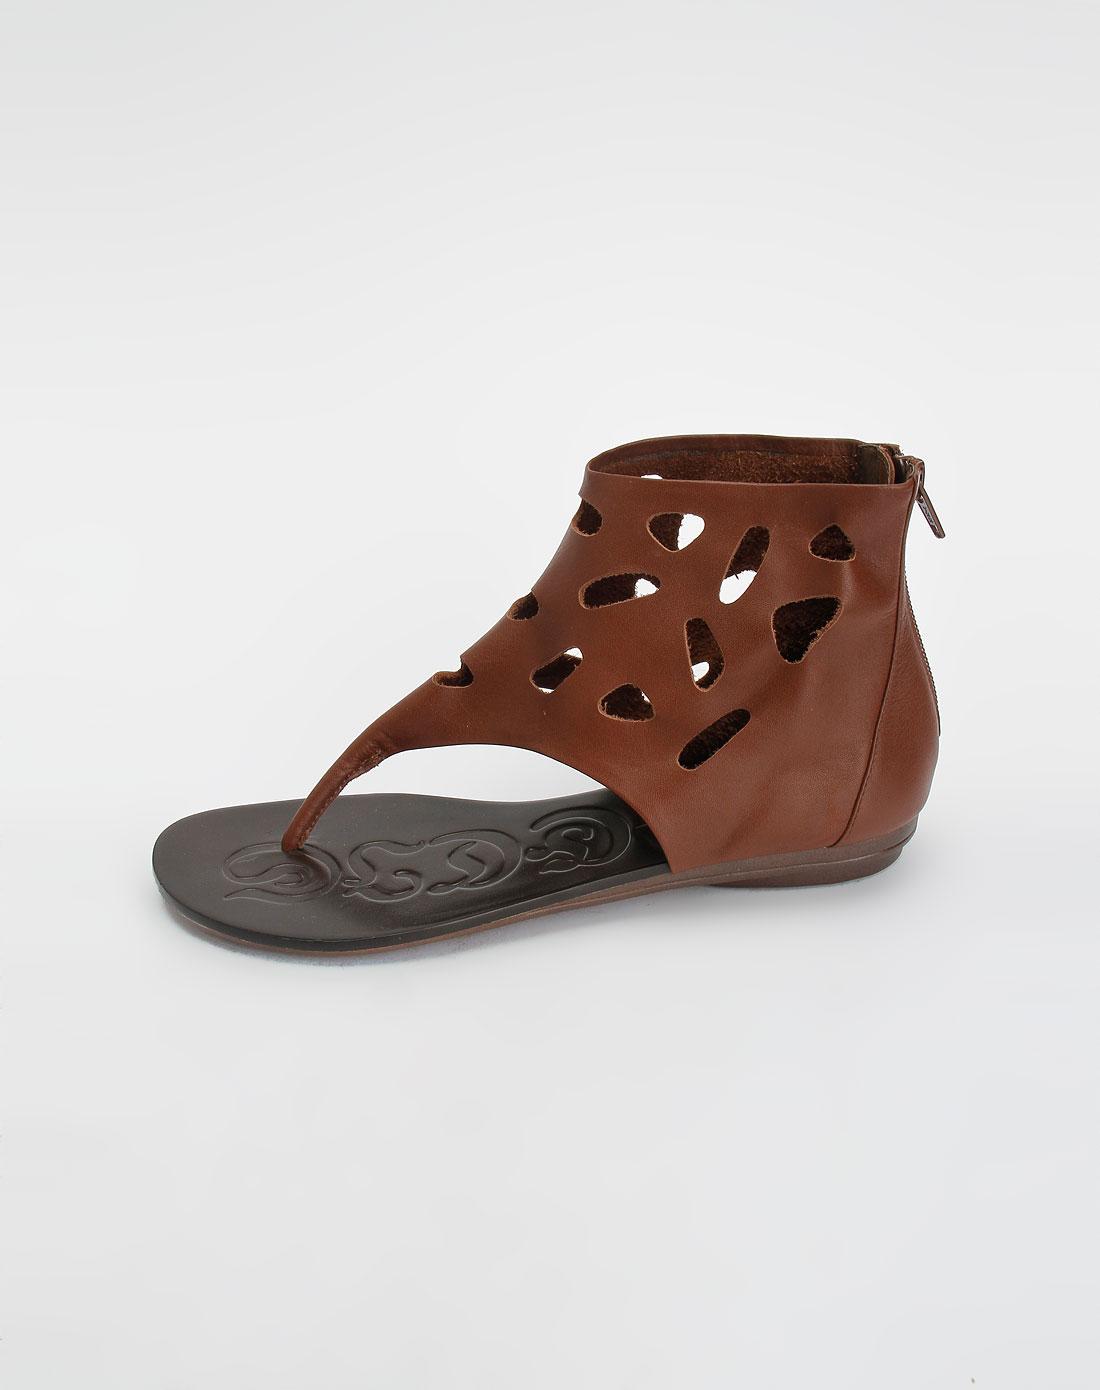 安玛莉precis头层棕色牛皮圆头休闲凉鞋210309037brl